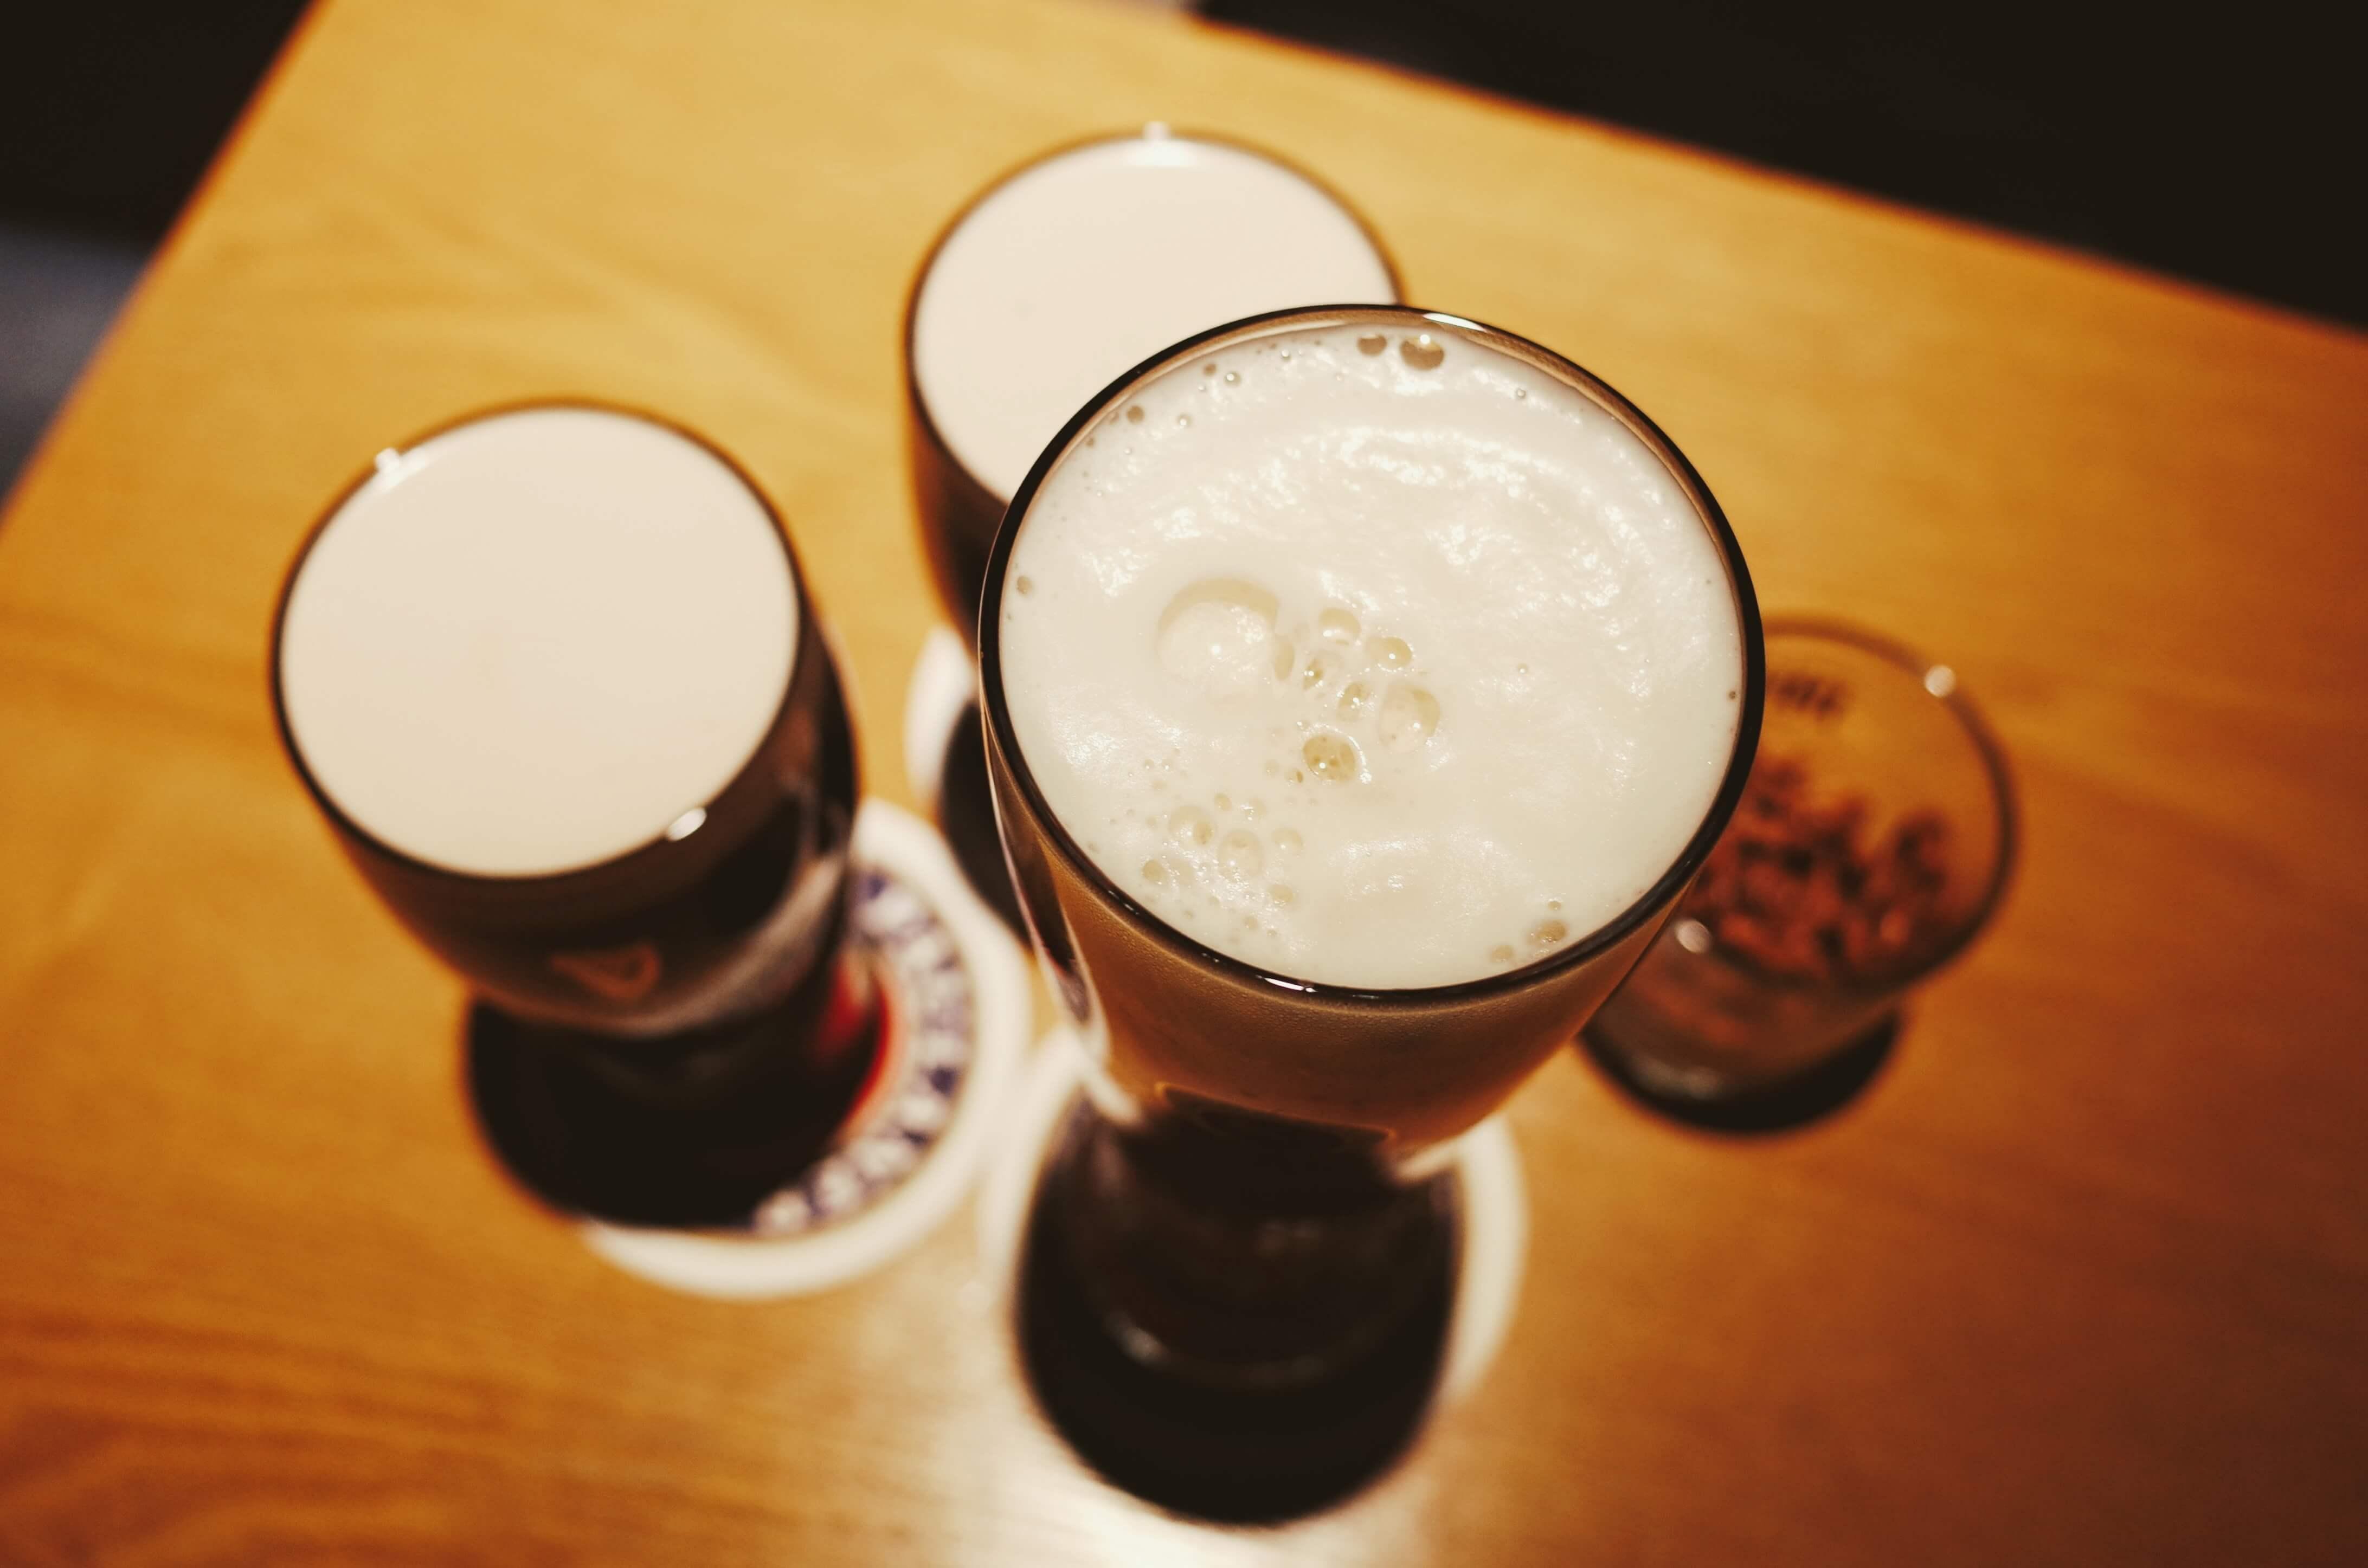 cata-de-una-cerveza